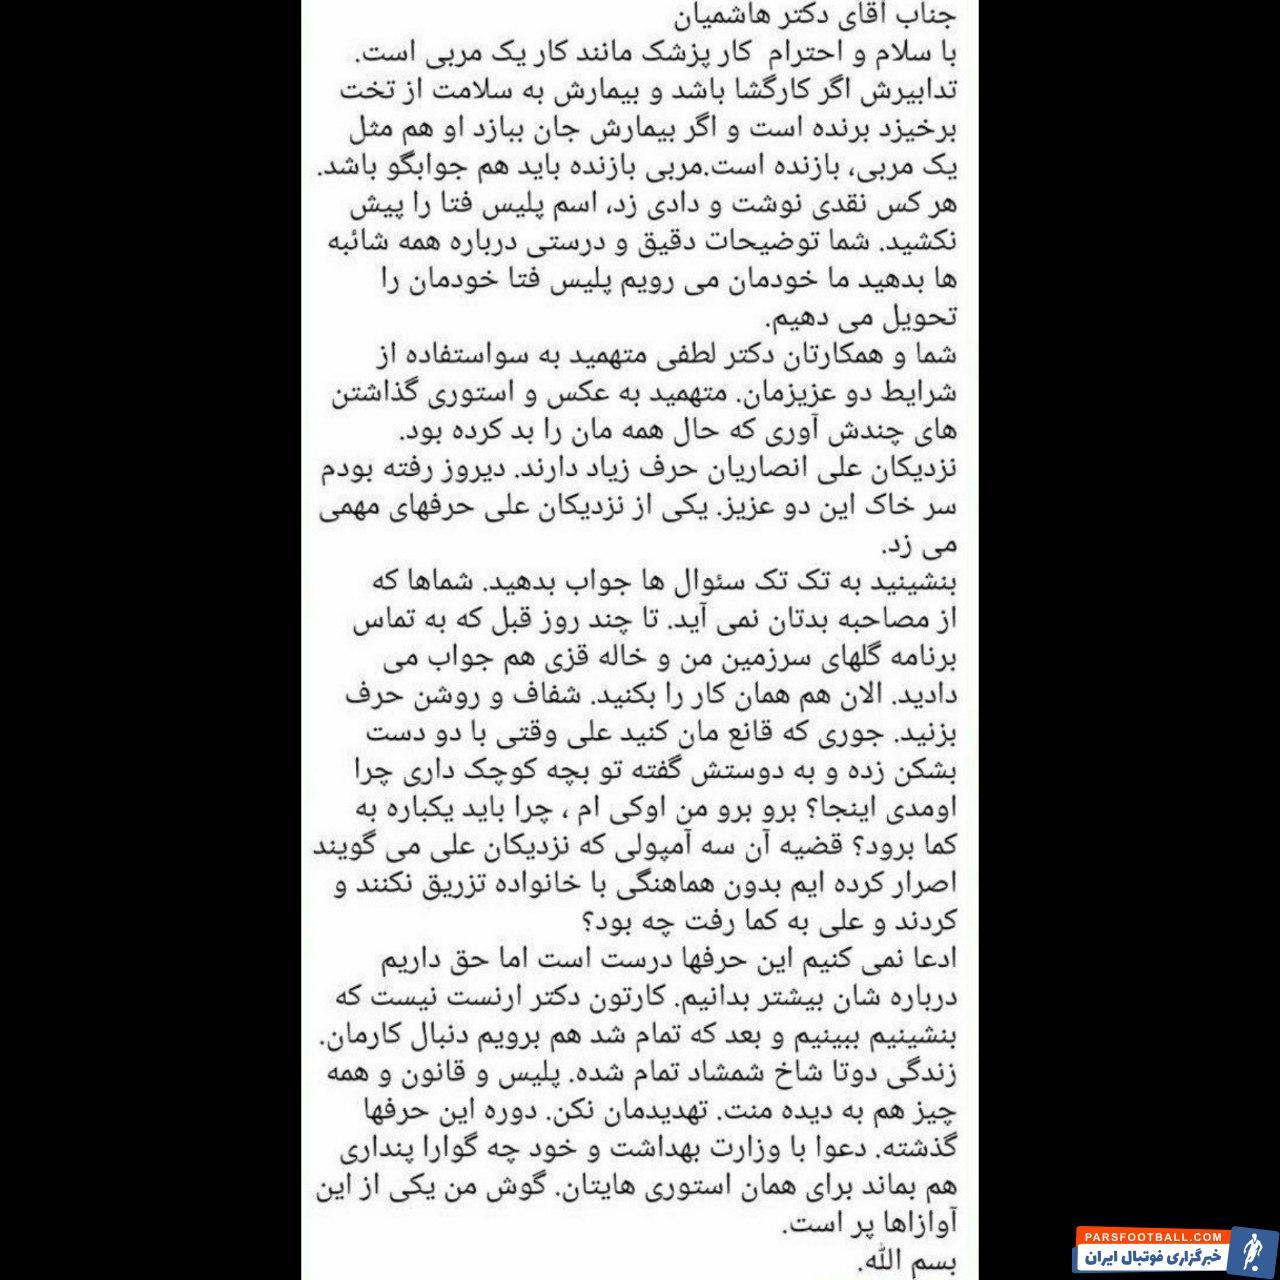 صمد ابراهیمی در مورد فوت علی انصاریان گفت : دکتر هاشمیان باید پاسخگو باشد،علی کاملاً هوشیار بود اما آمپول پزشکان او را به کما برد!